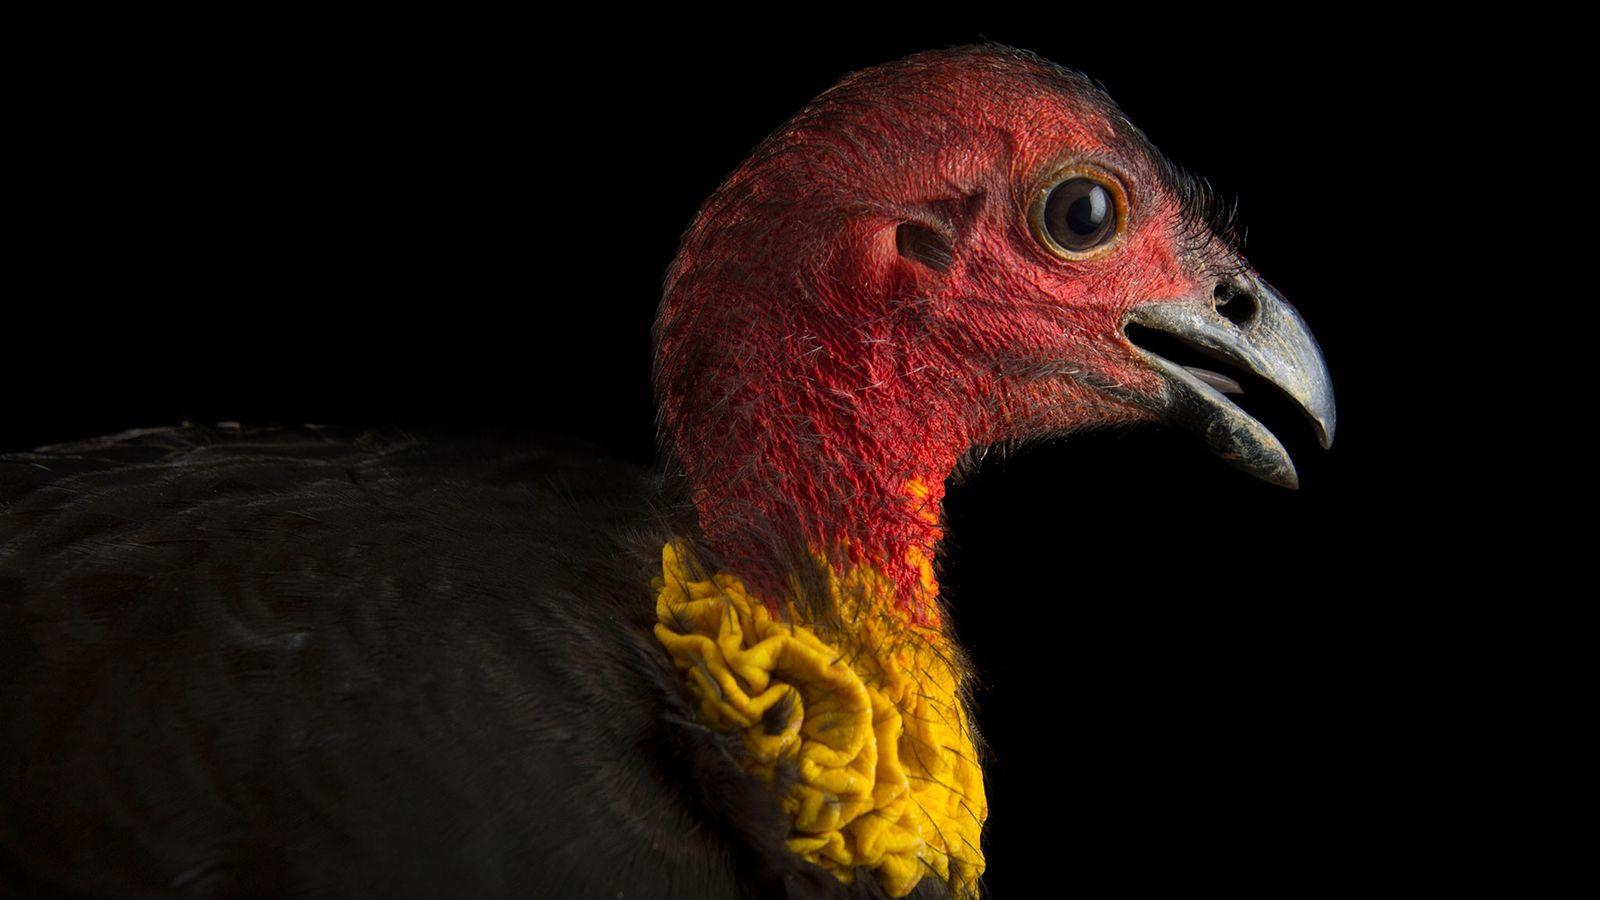 Un talégalle de Latham (Alectura lathami), l'une des espèces d'oiseaux de la famille des mégapodes, au ...